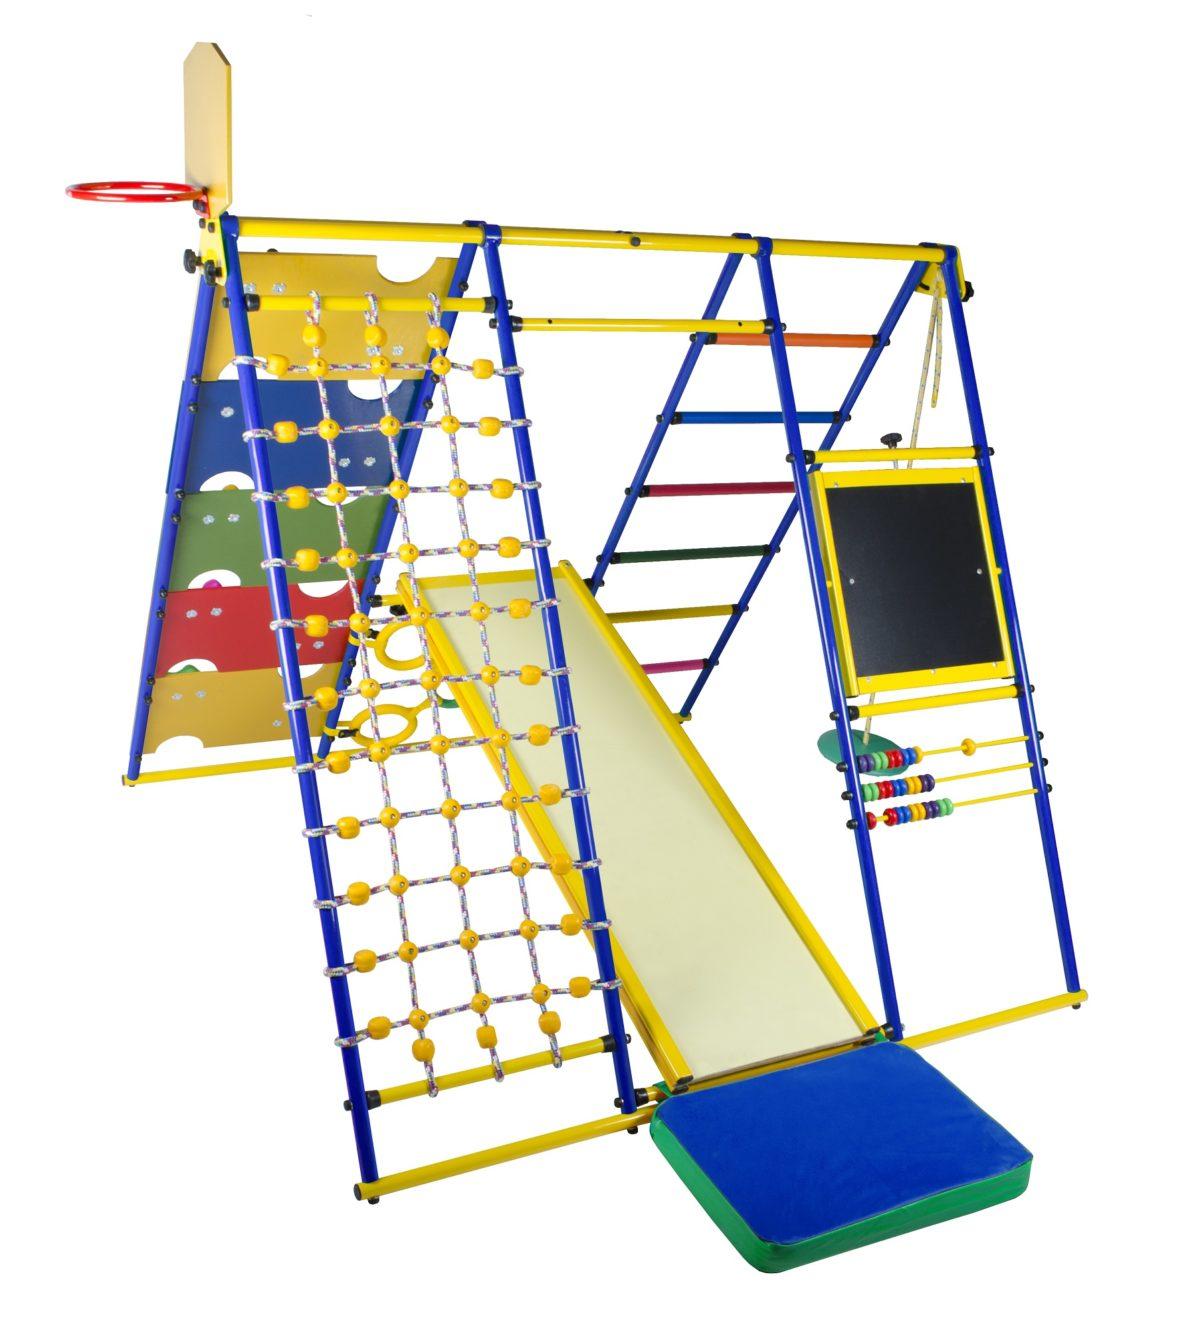 Детский спортивный комплекс Формула здоровья Вершинка W Плюс синий/радуга